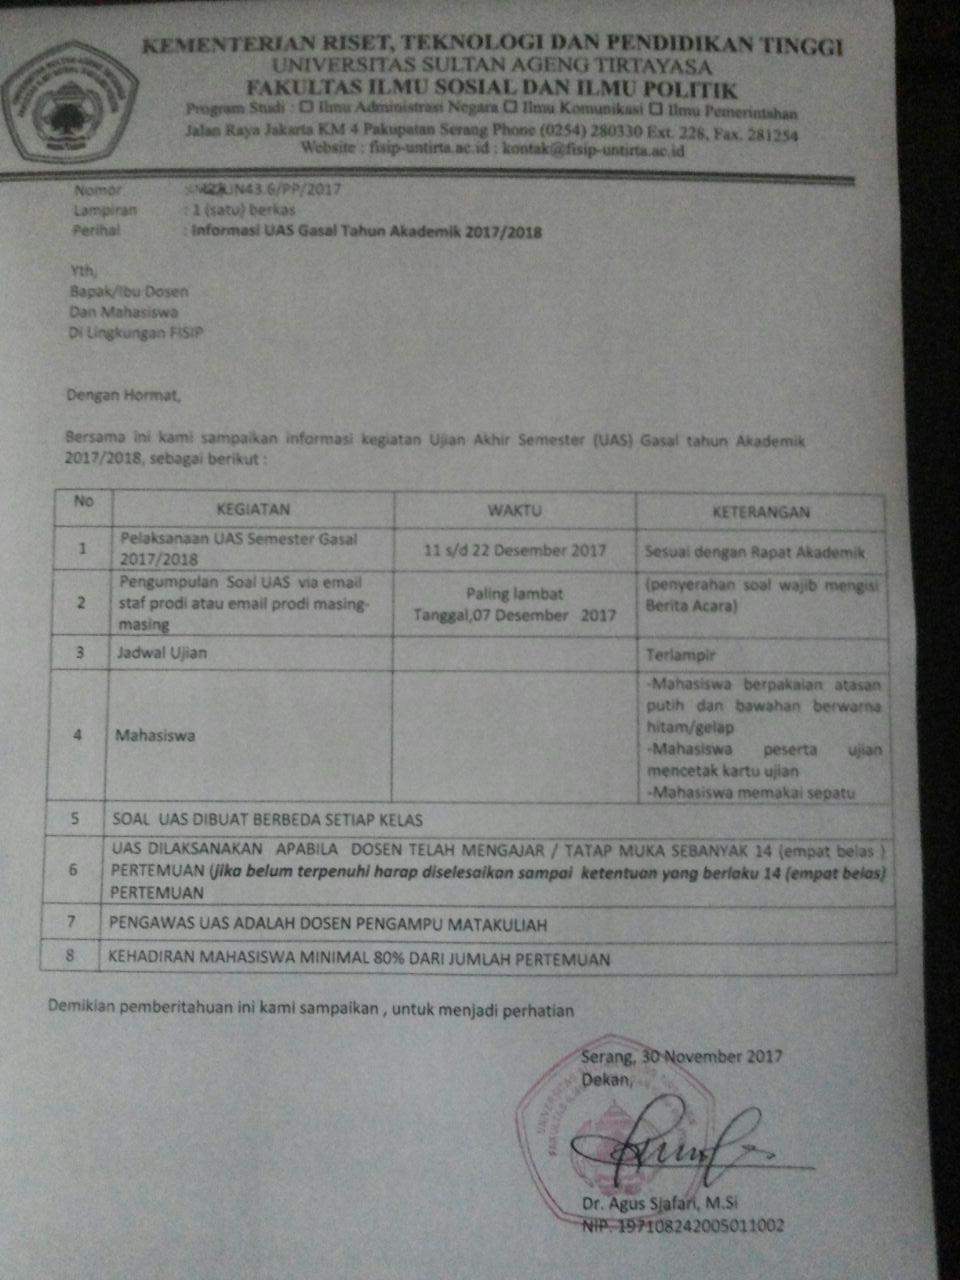 Tata Tertiba Pelaksanaan UAS Gasal 2017/2018